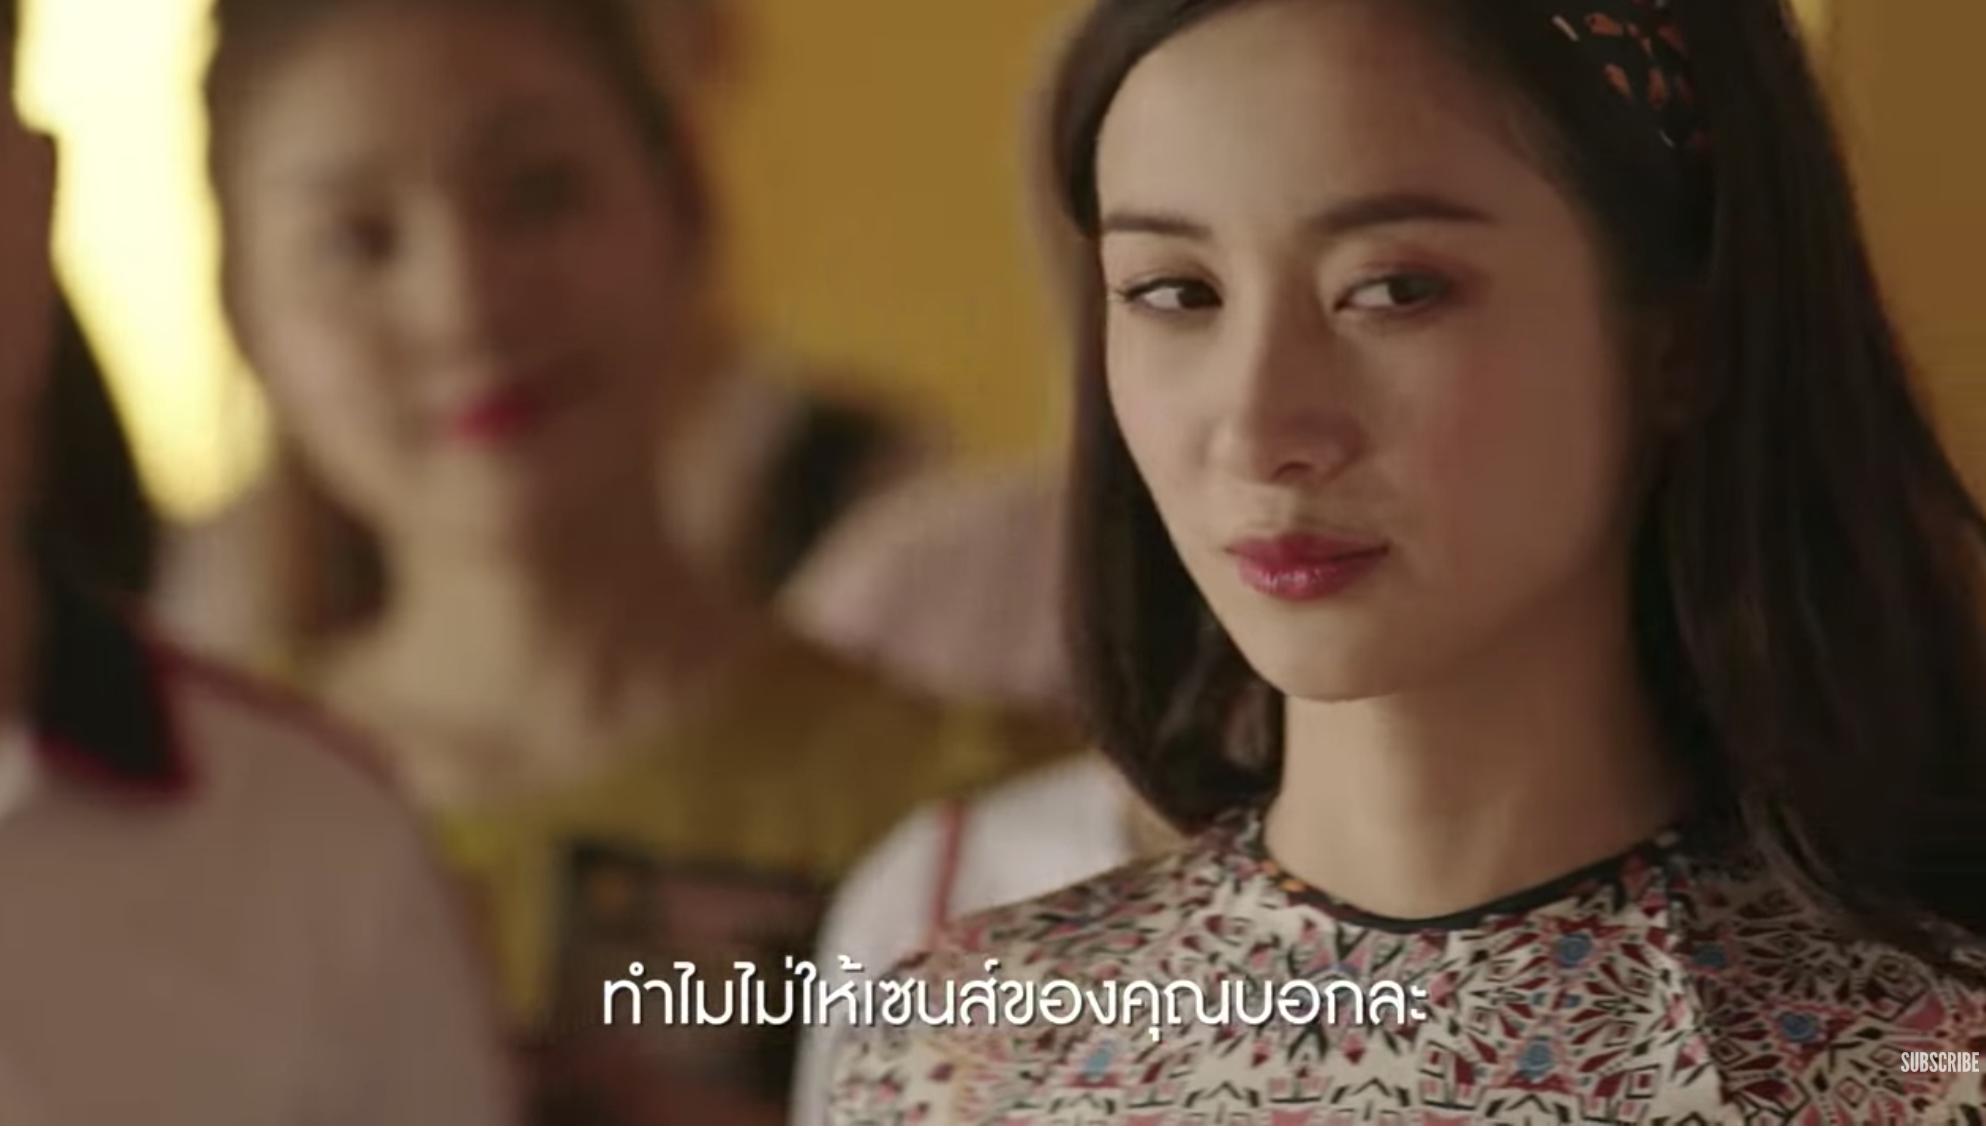 Jun Vũ bất ngờ xuất hiện liếc mắt đưa tình với HLV gốc Việt của The Face trong trailer phim Thái - Ảnh 2.